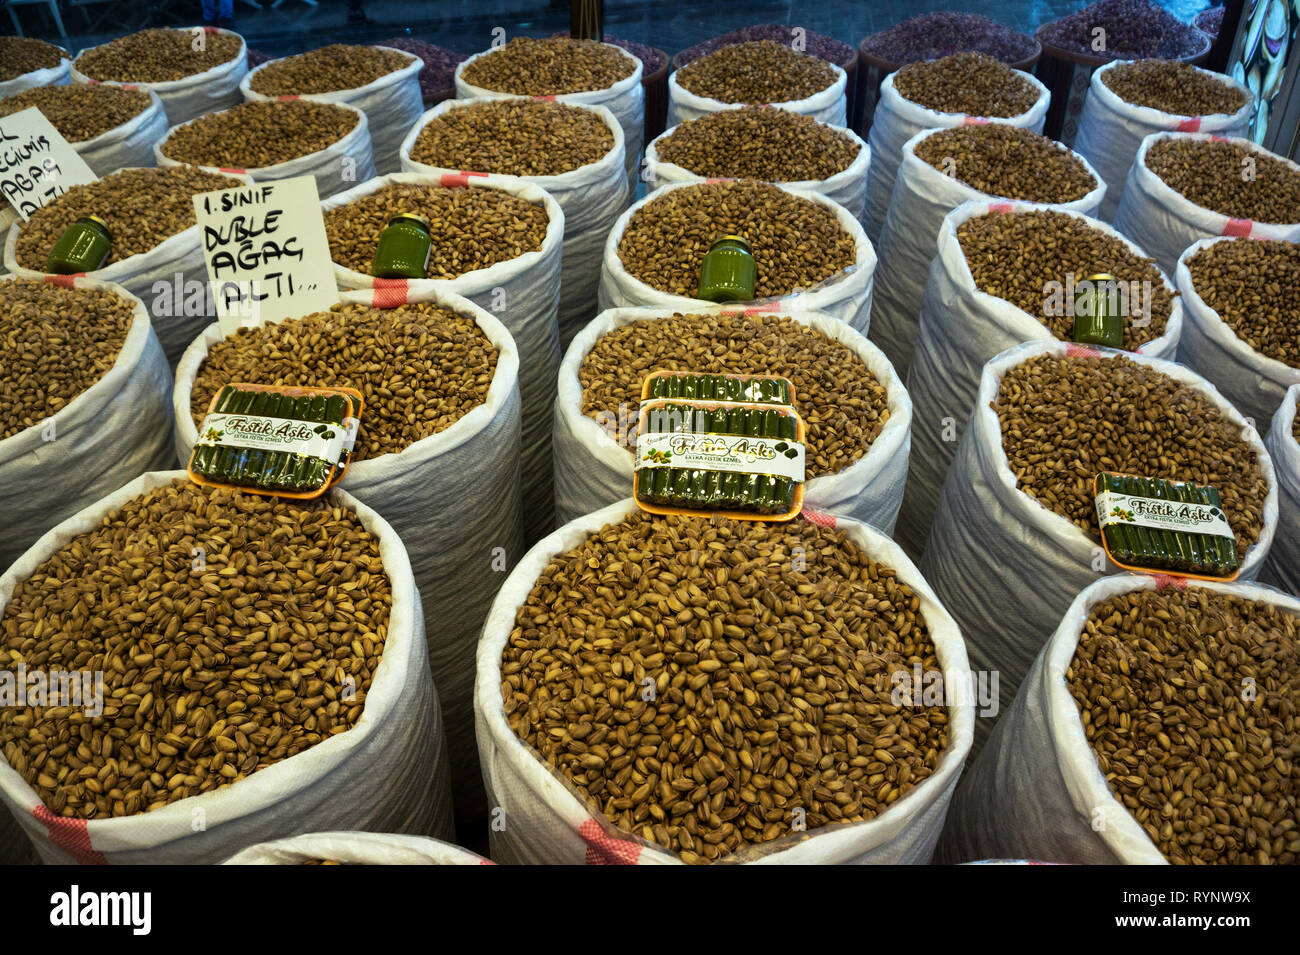 Pistazien ist am berühmtesten landwirtschaftliche Produkt von Gaziantep und verkauft rund um die Stadt, in der Türkei. Stockbild